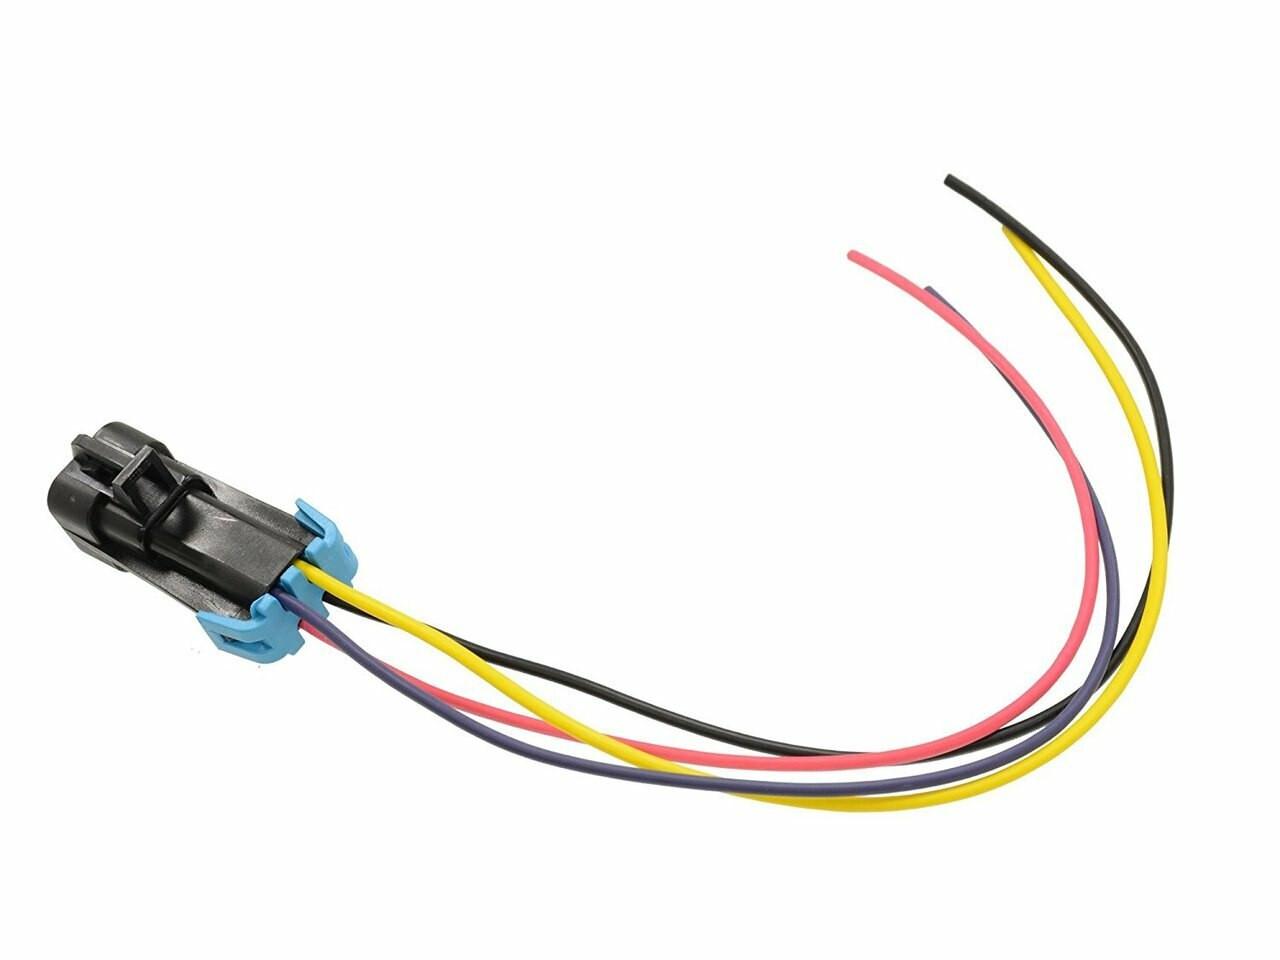 ls1 oxygen o2 sensor wiring connector pigtail 98 02 gm camaro firebird pt2374 [ 1280 x 960 Pixel ]